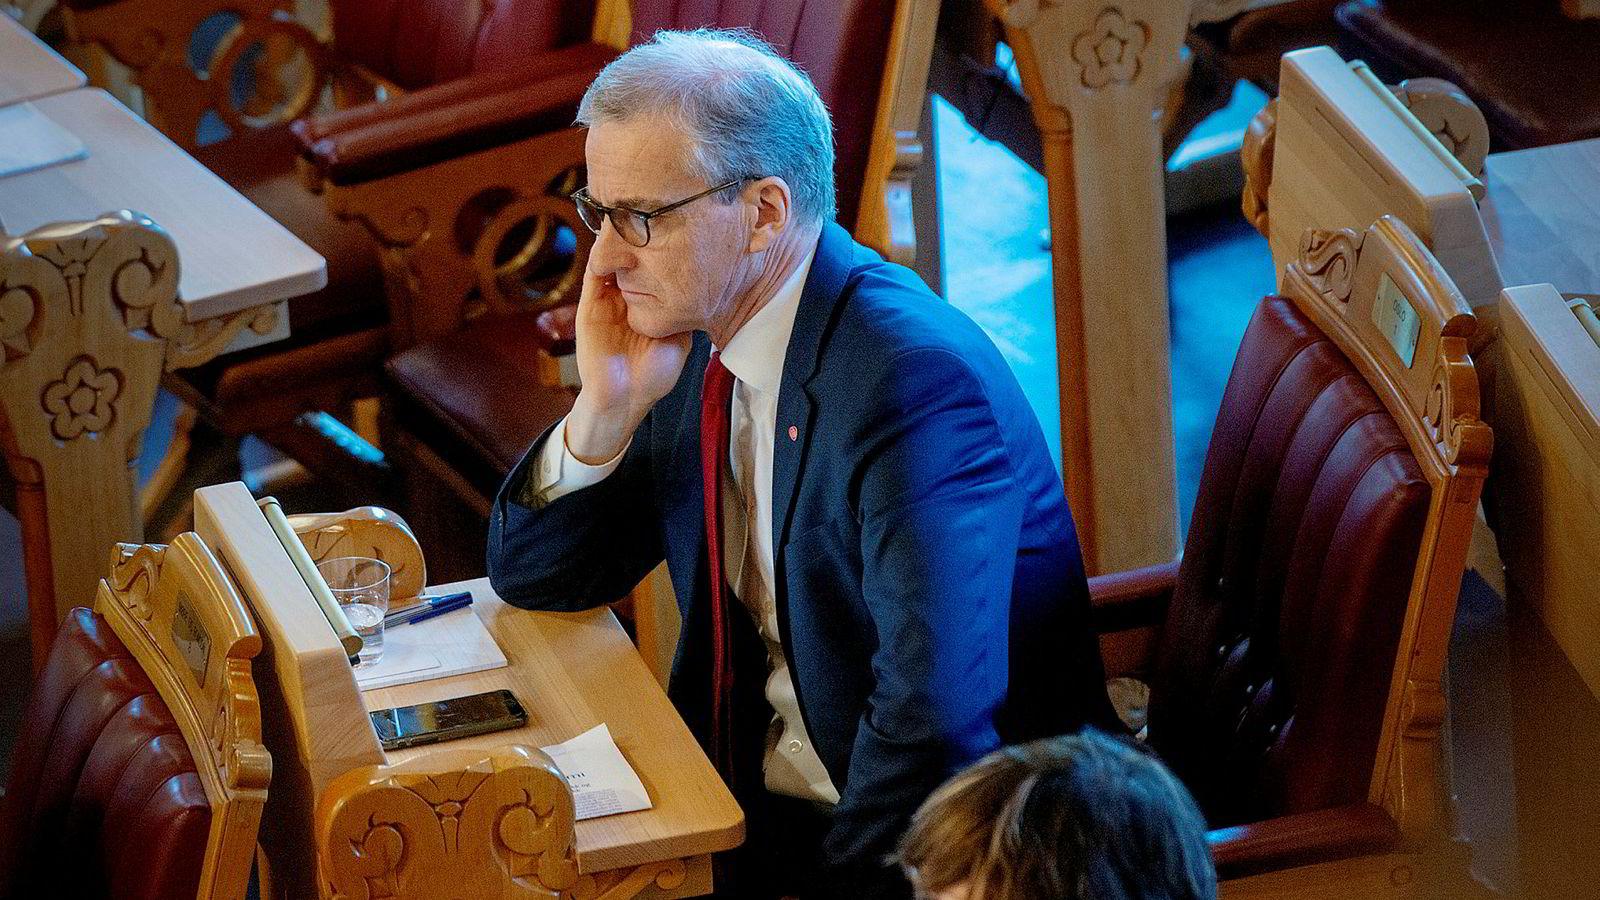 Regjeringspartiene sliter, men likevel faller oppslutningen om Arbeiderpartiet i mars. Neste uke åpner leder Jonas Gahr Støre partiets landsmøte.